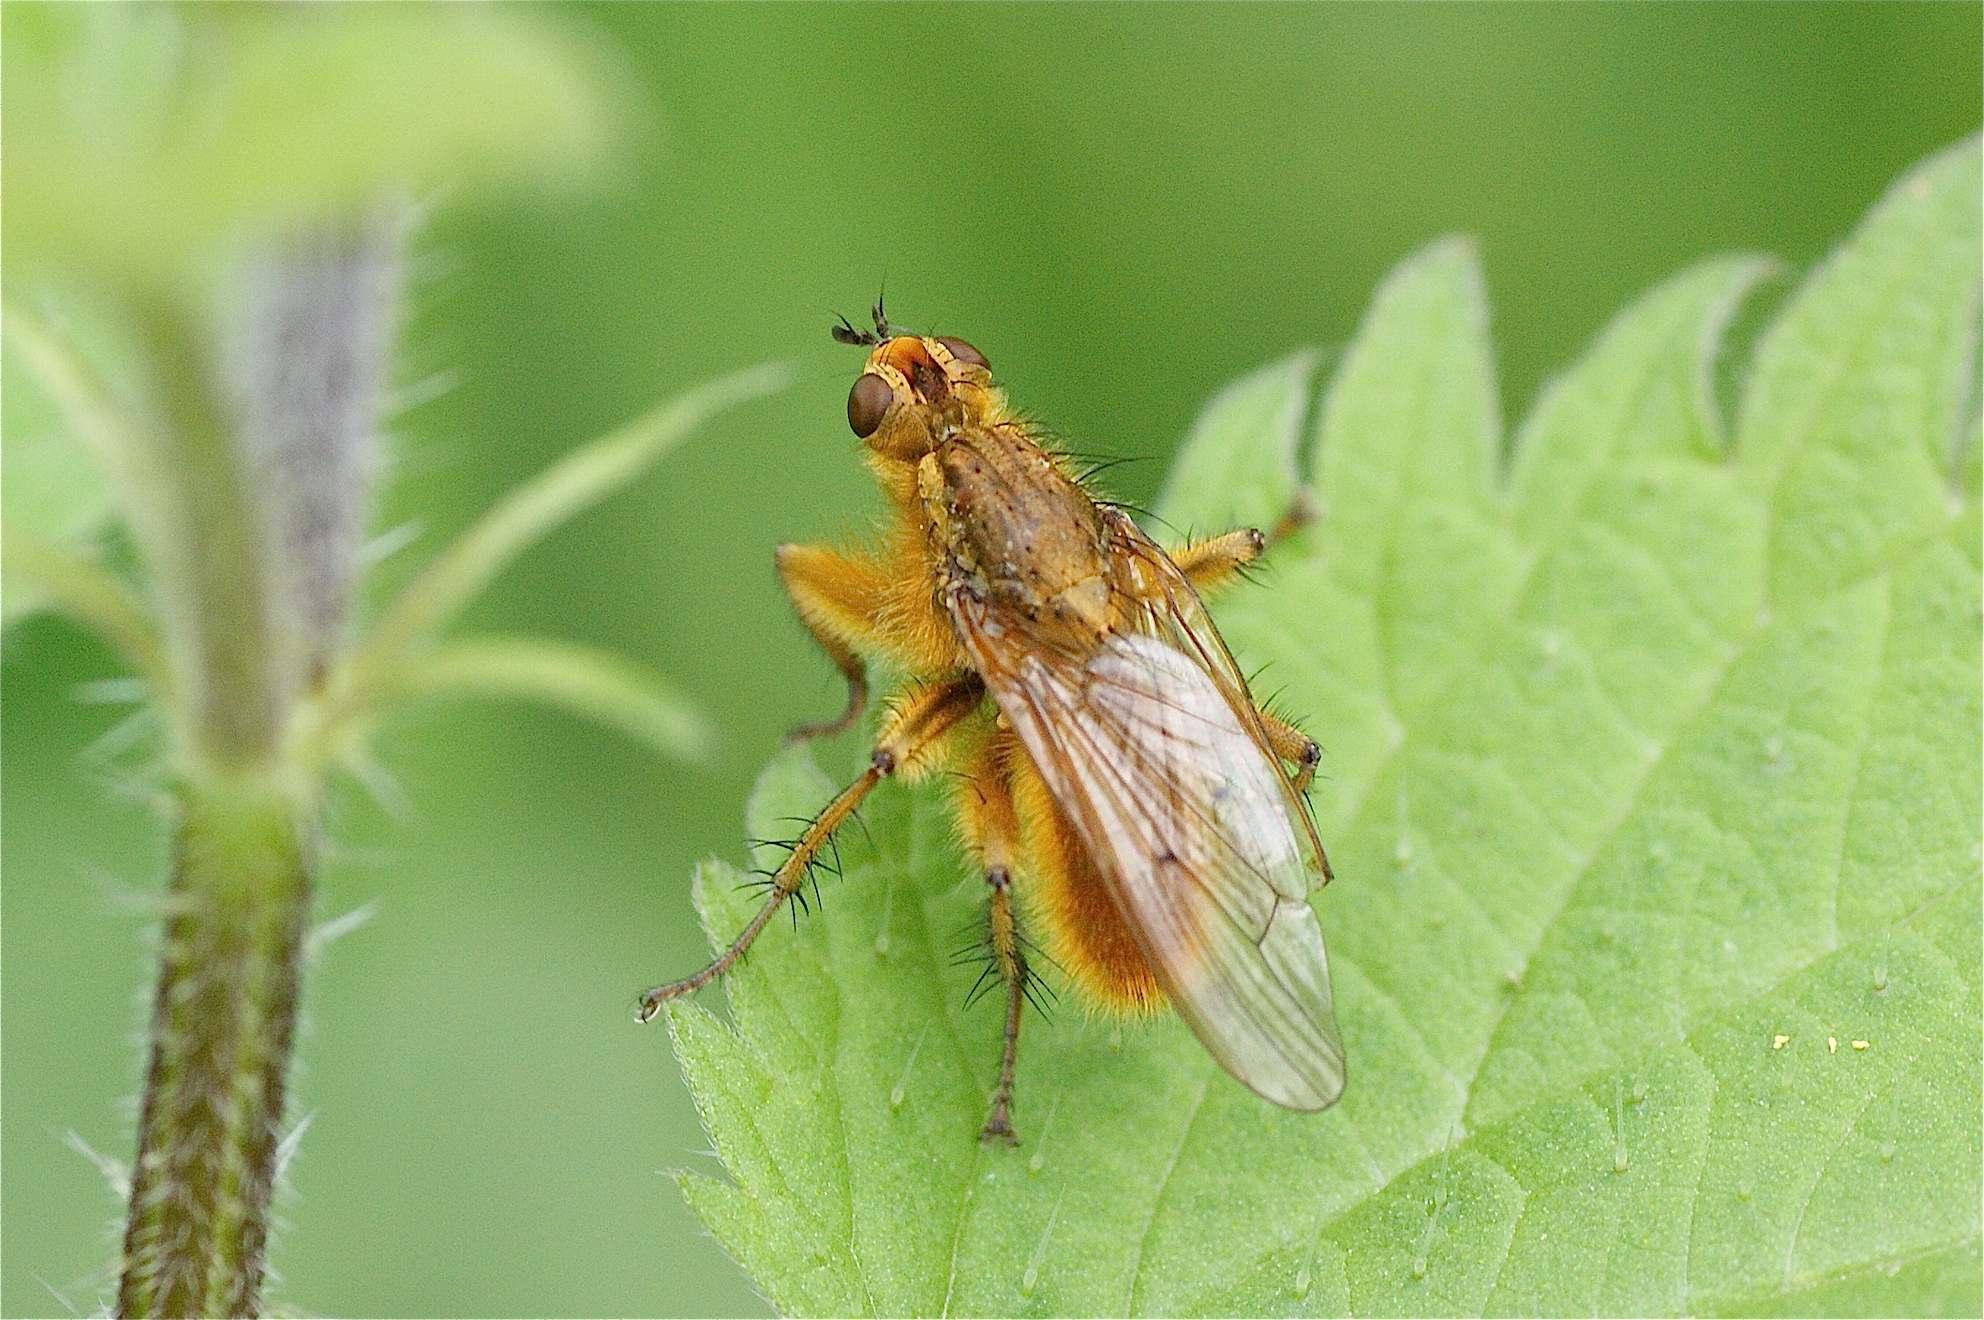 La france fait don de ses insectes pour contrer les mouches australiennes insolites forum fr - Invasion de mouches vertes ...